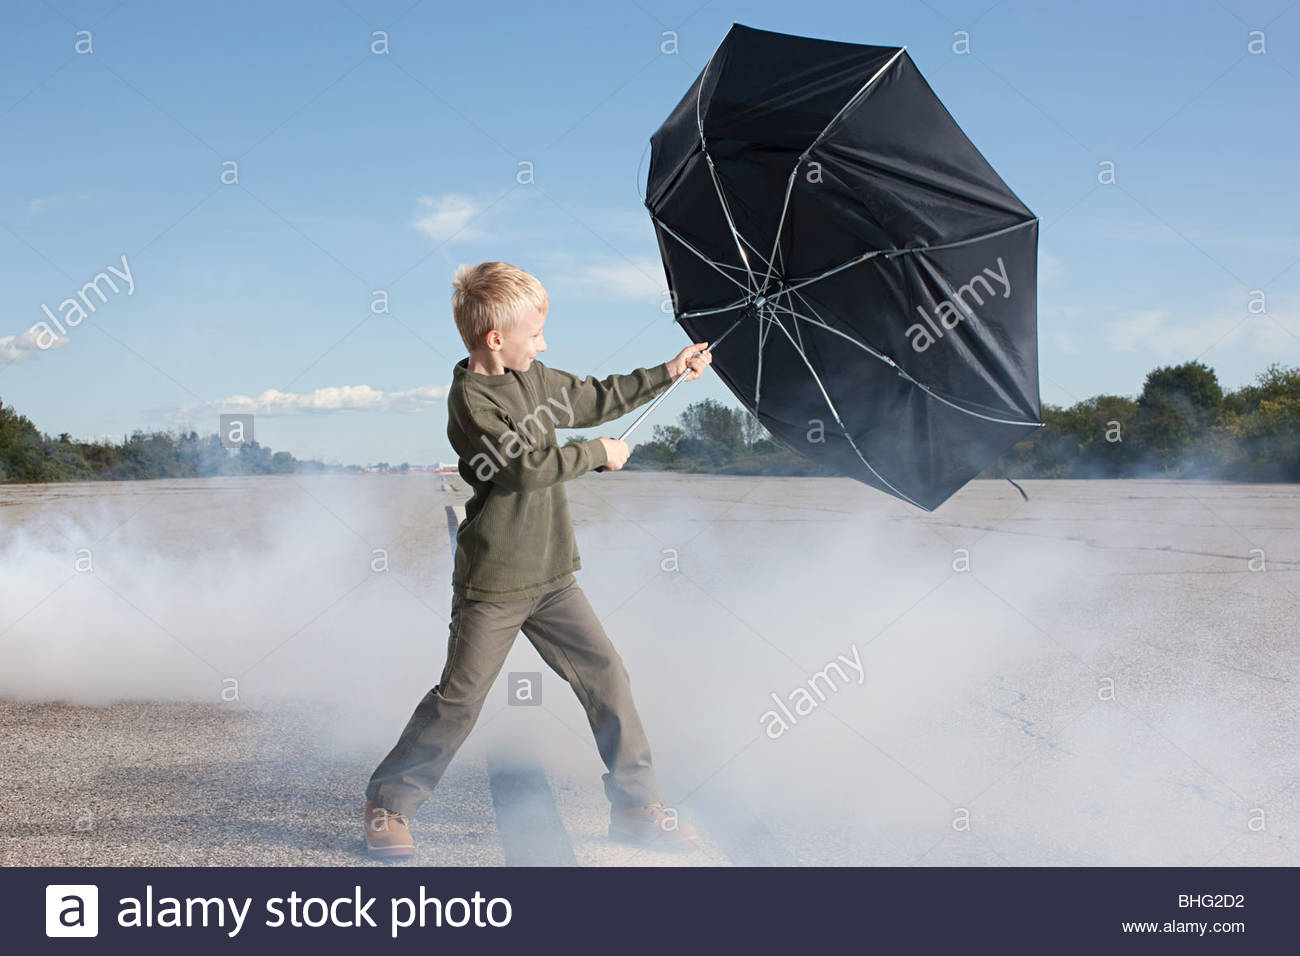 Junge auf der Piste mit Regenschirm Stockbild